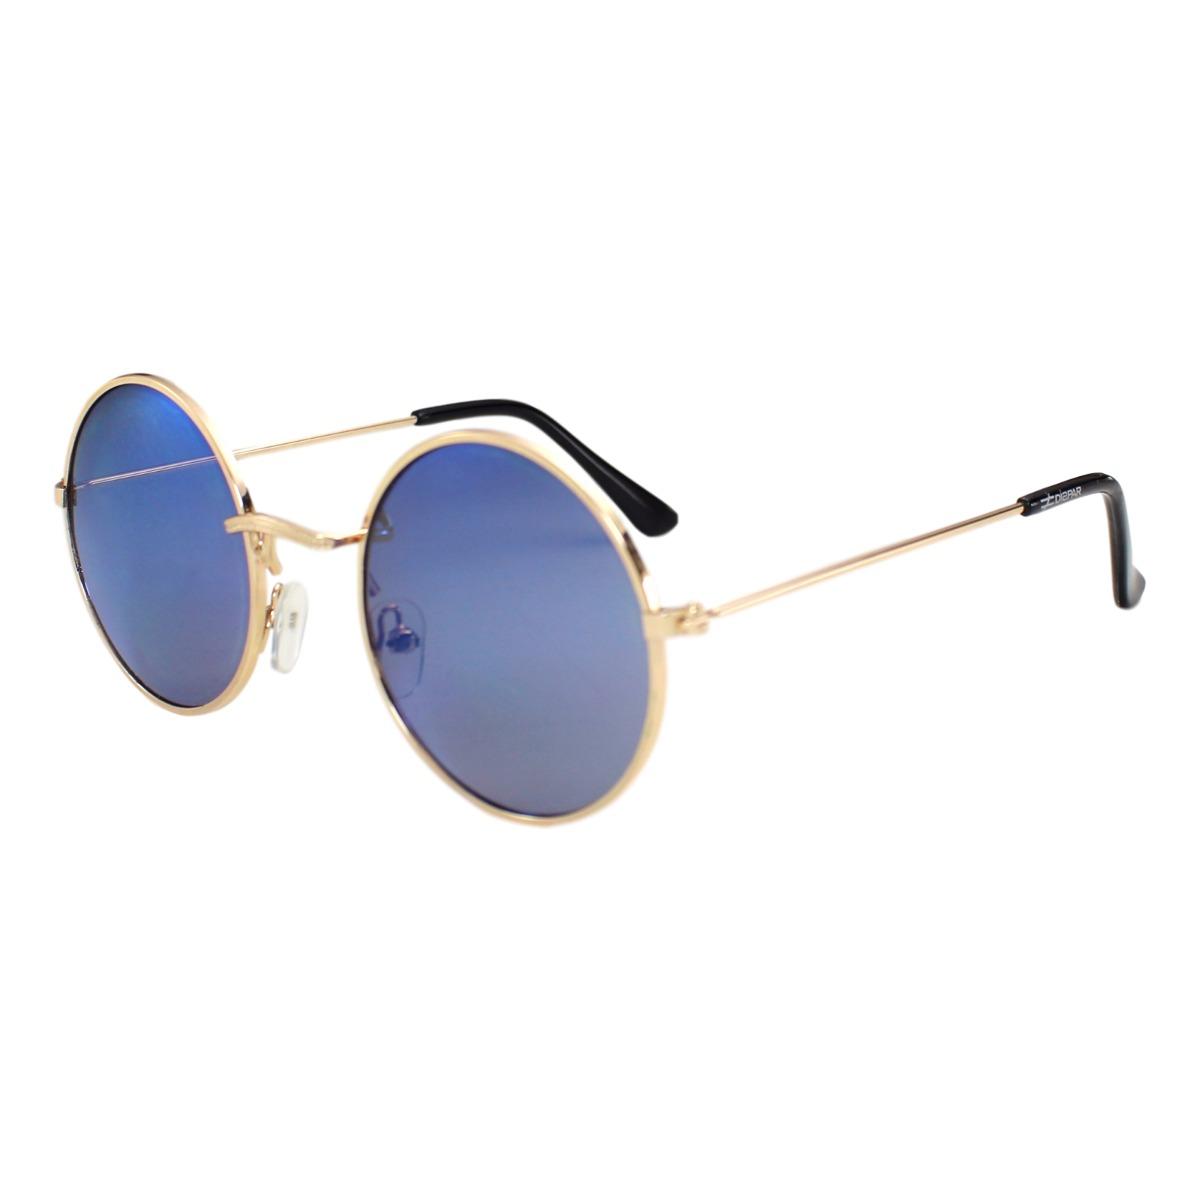 8beac279c óculos de sol díspar id1741 infantil redondo - azul marinho. Carregando  zoom.